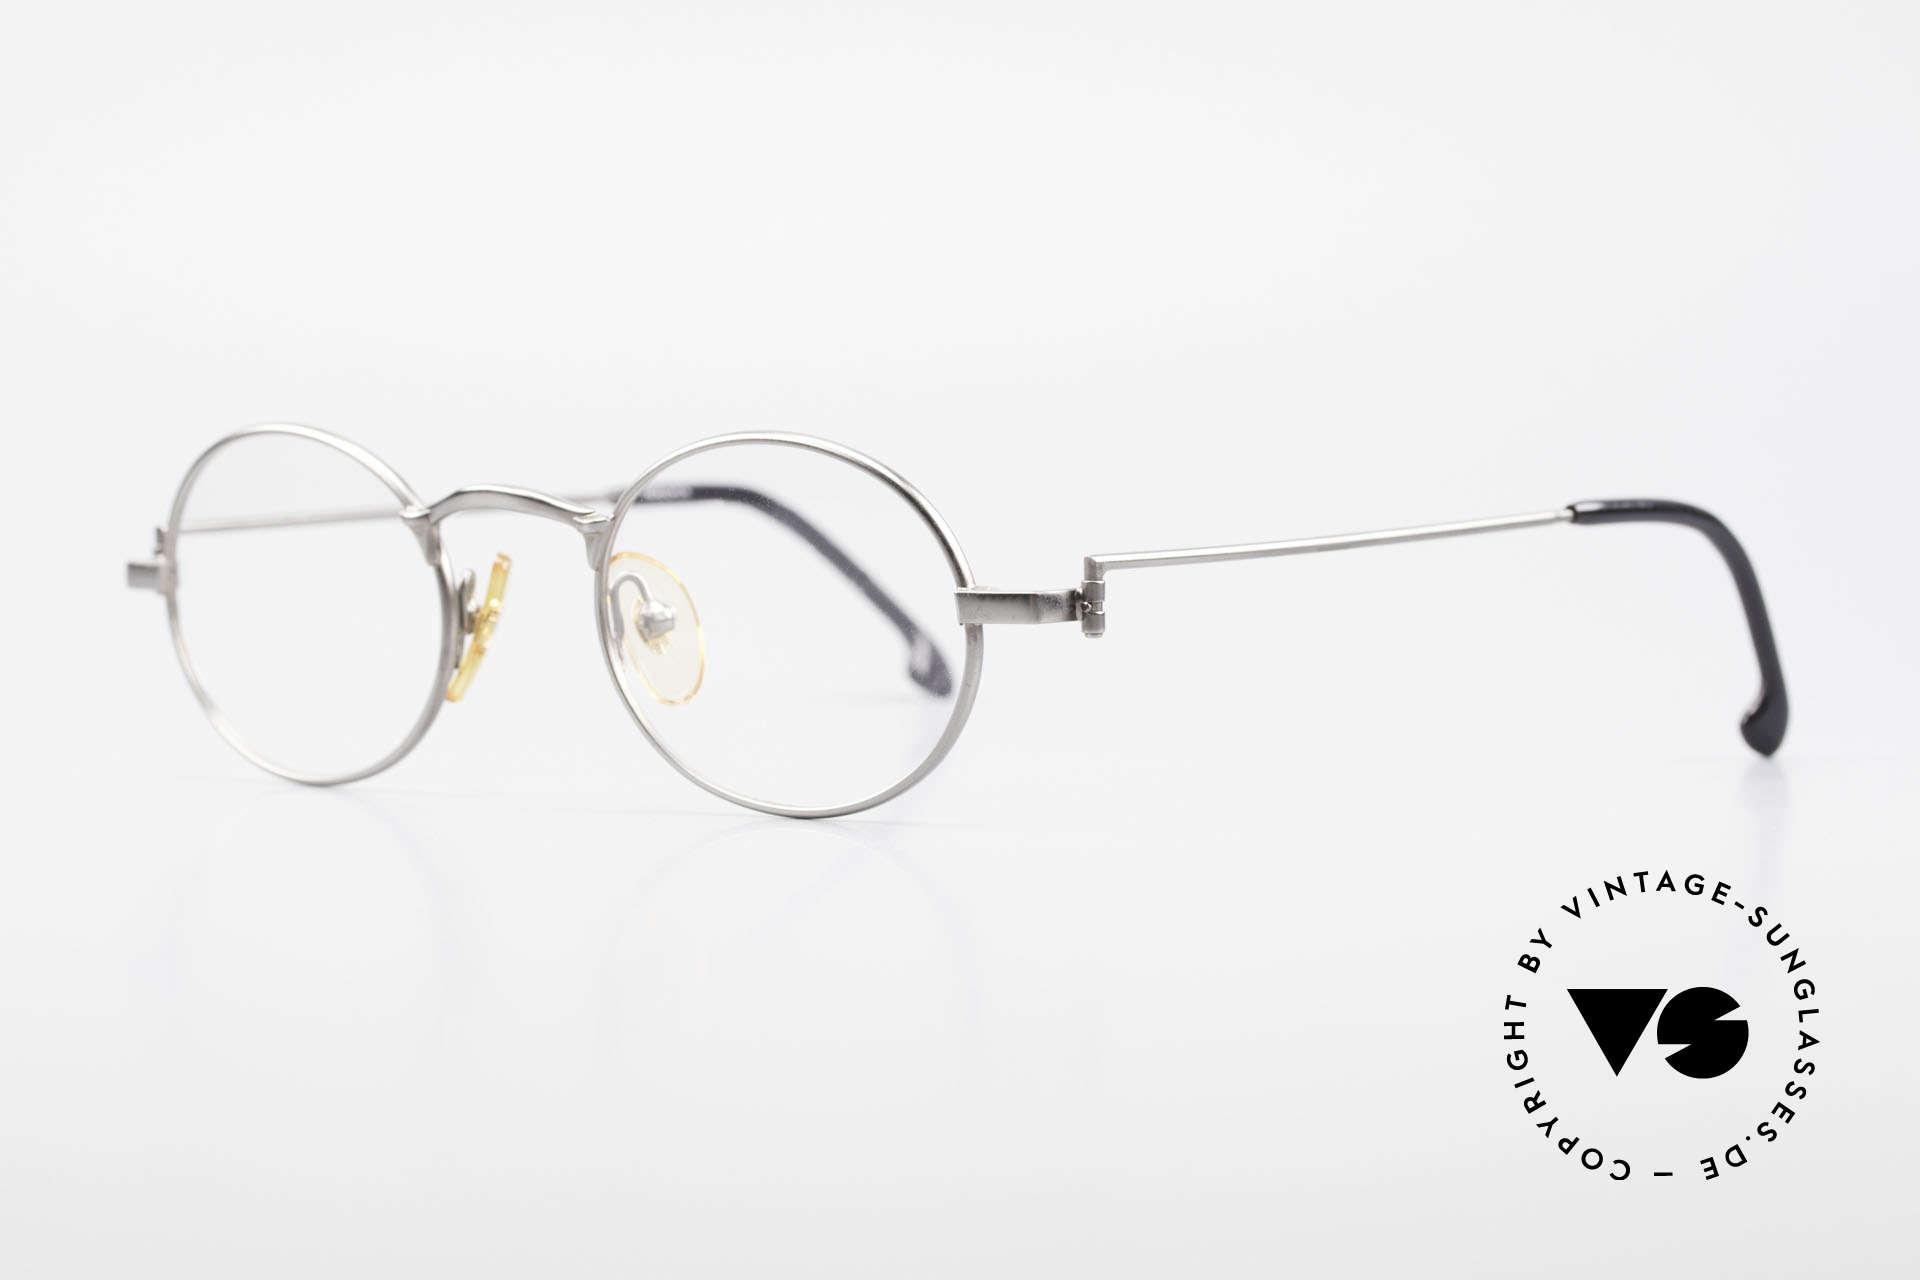 W Proksch's M31/11 Oval Glasses 90's Avantgarde, plain frame design & Japanese striving for quality, Made for Men